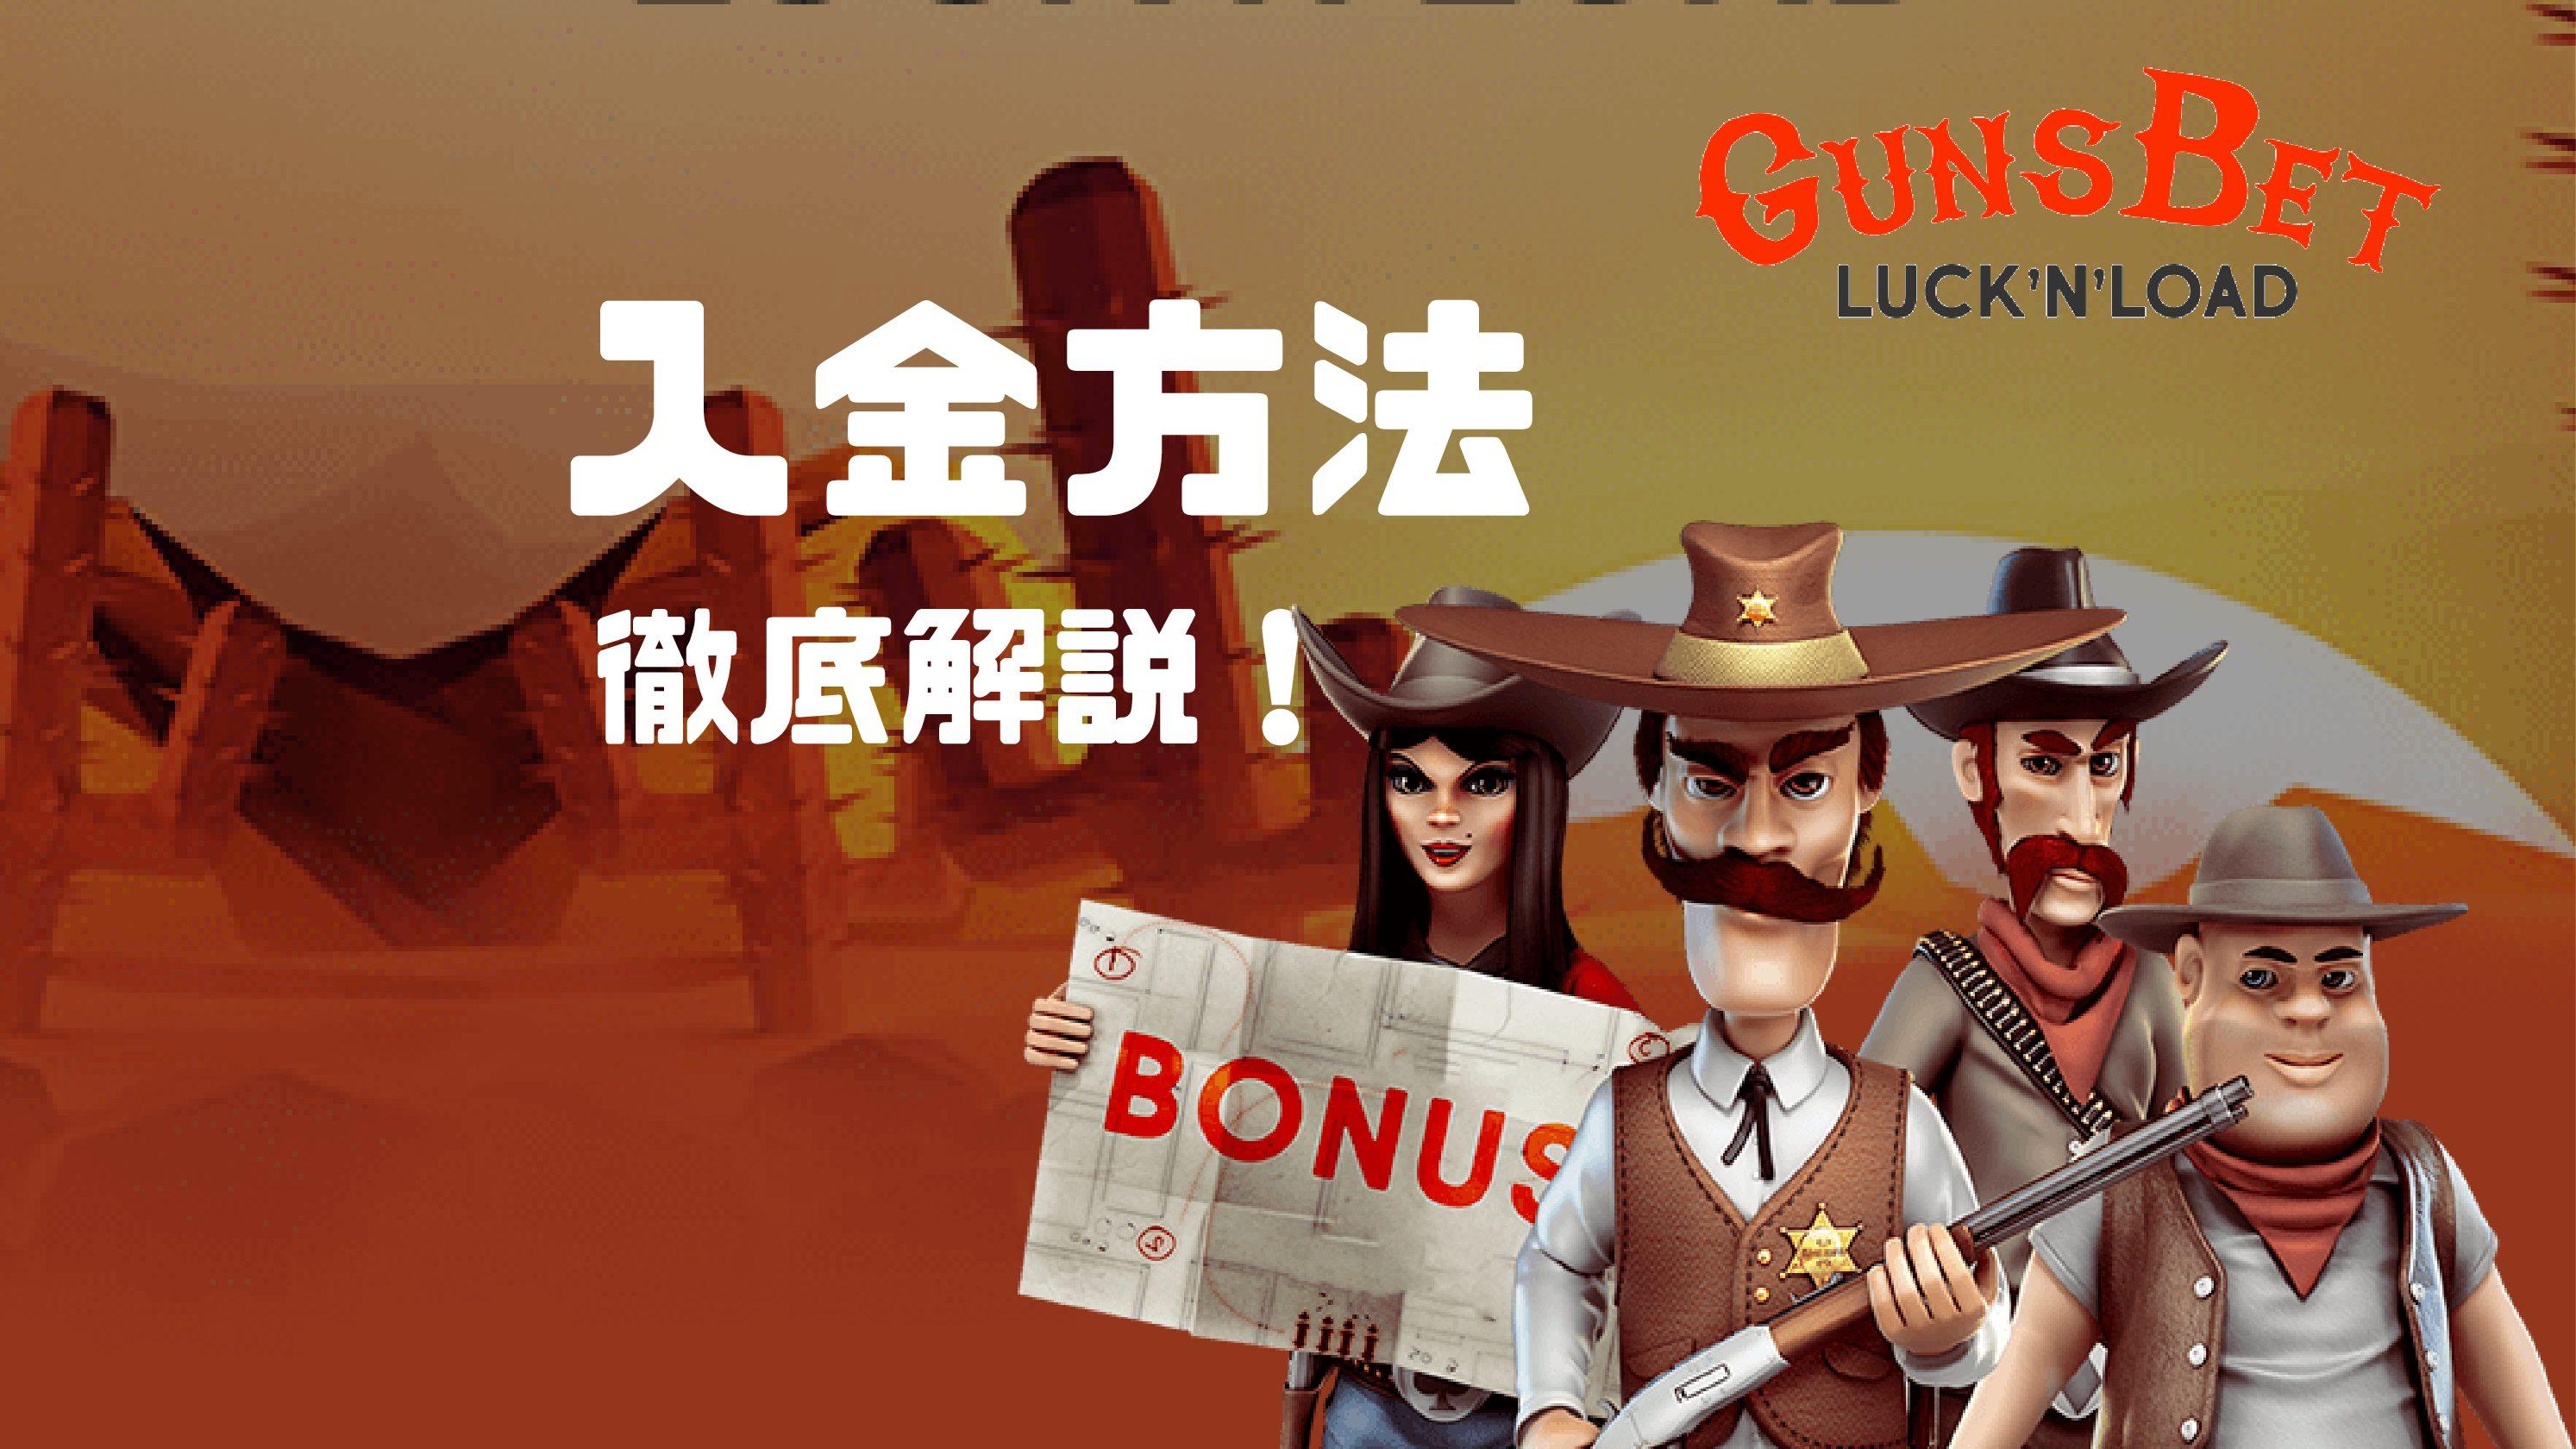 ガンズベット (Guns Bet) 入金方法解説!